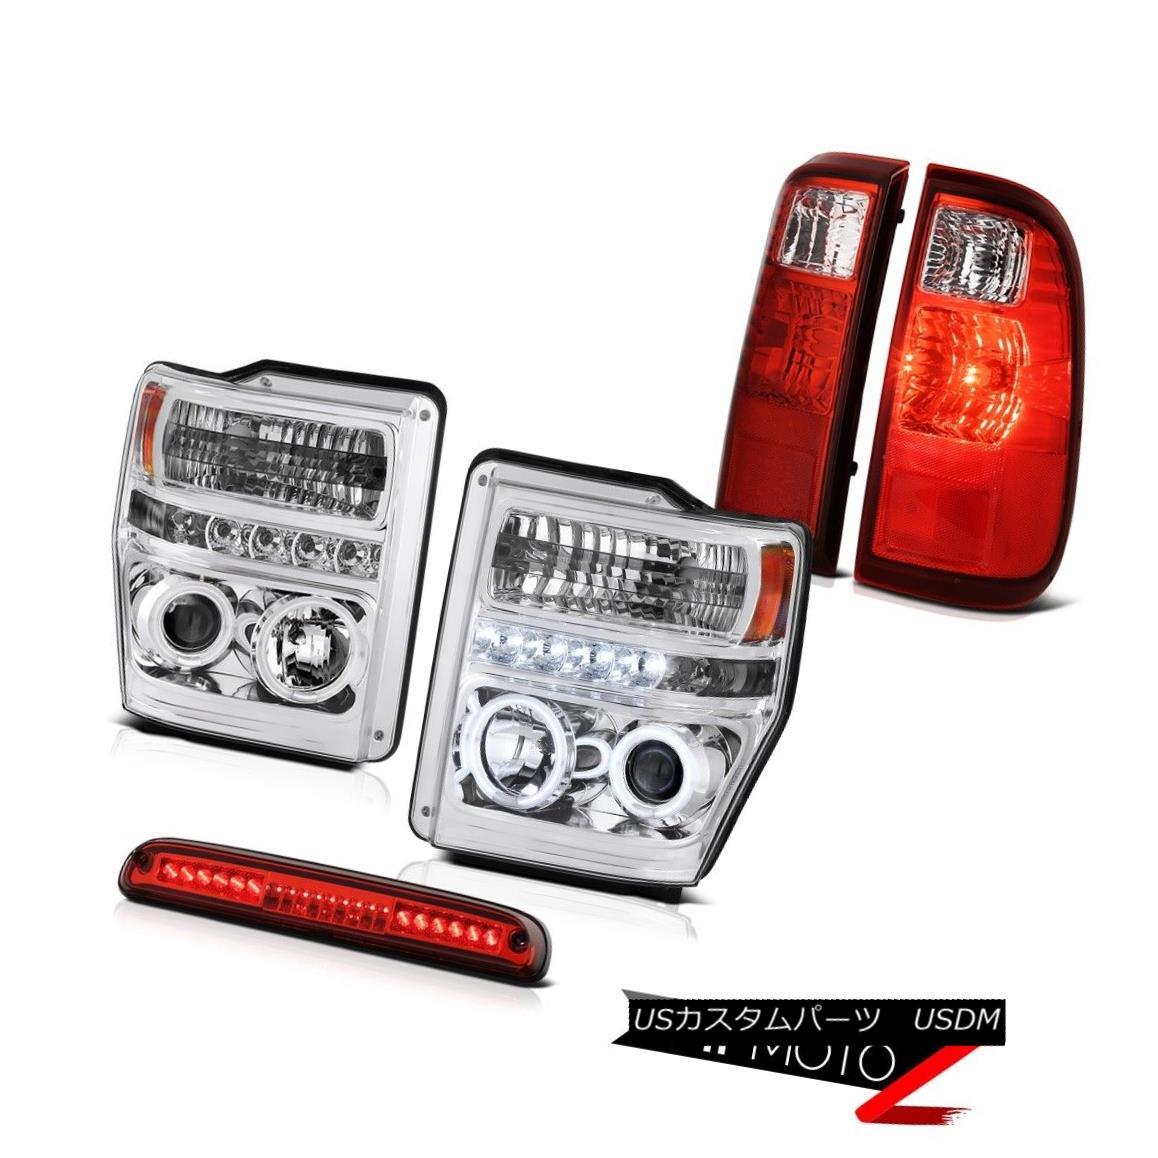 テールライト Euro CCFL Headlight High Stop LED Red Tail Light 2008 2009 2010 F250 F350 Lariat ユーロCCFLヘッドライトハイストップLEDレッドテールライト2008 2009 2010 F250 F350ラリアット